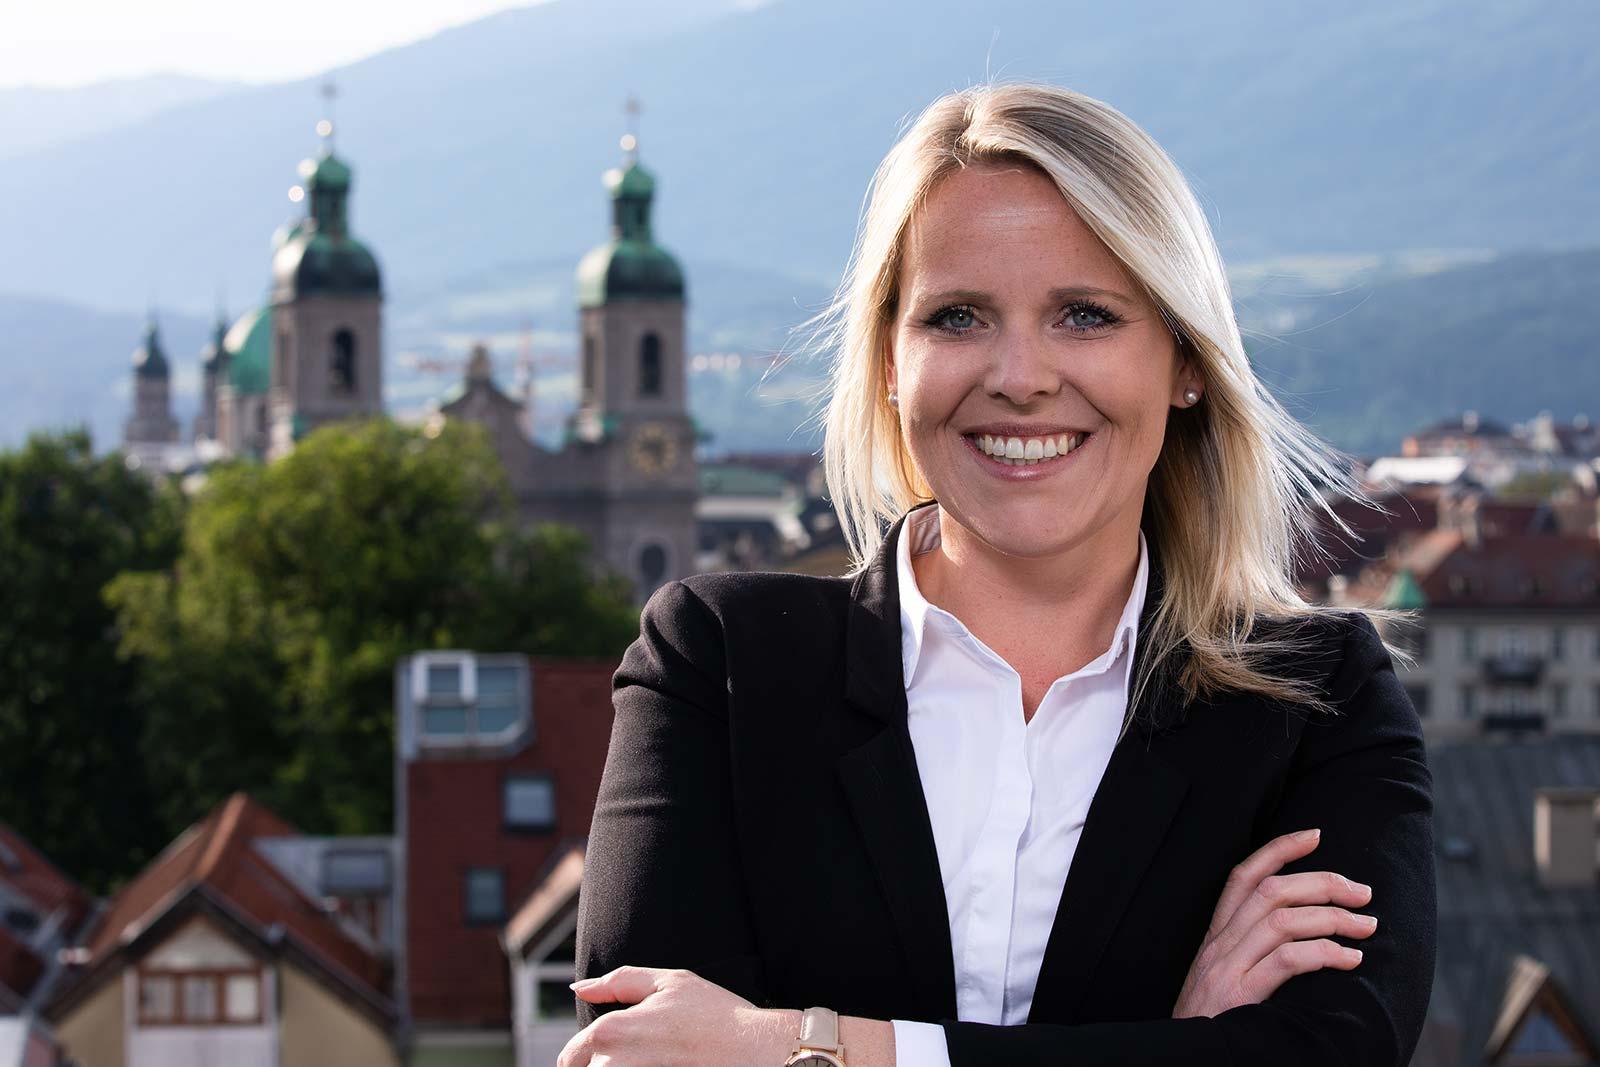 MMag. Elena Richter | Fuchs Wenzel Ortner Richter Rechtsanwälte, 6020 Innsbruck